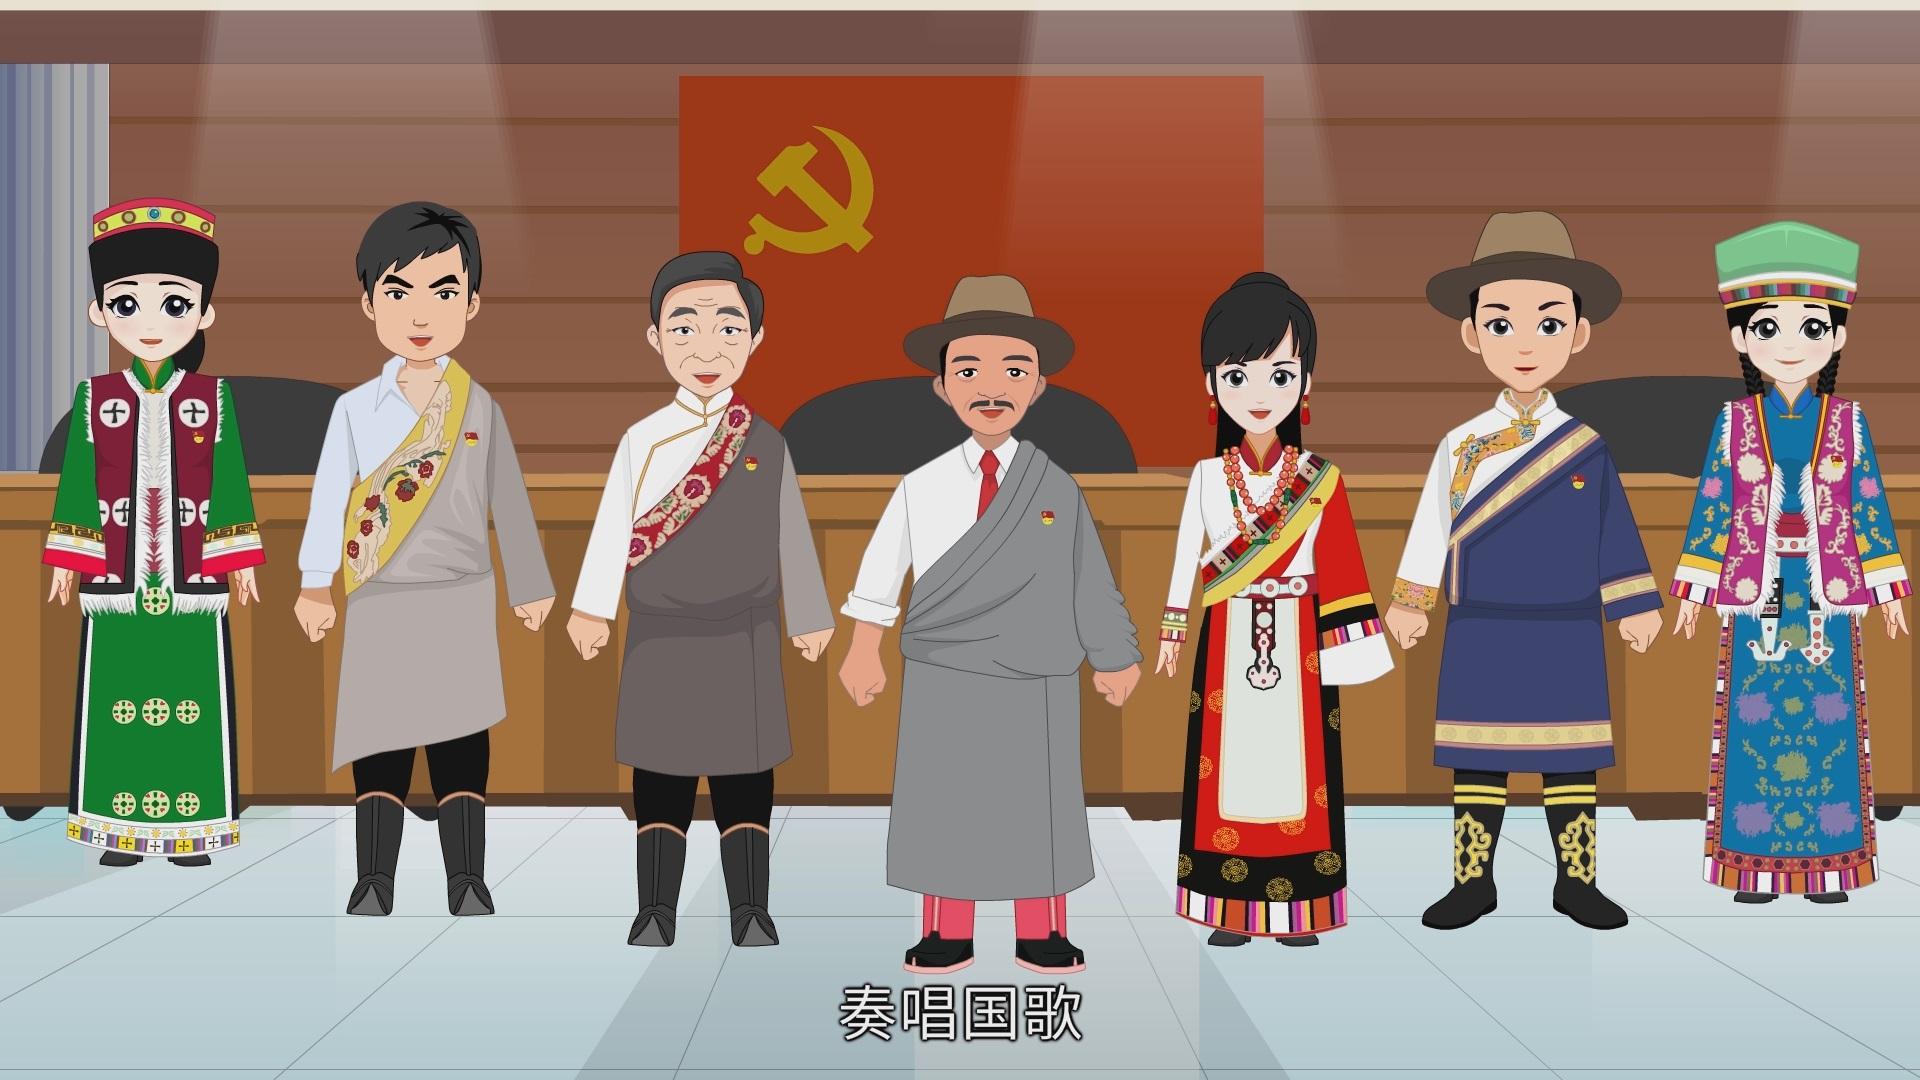 迭山党建微课堂—村党组织换届选举流程